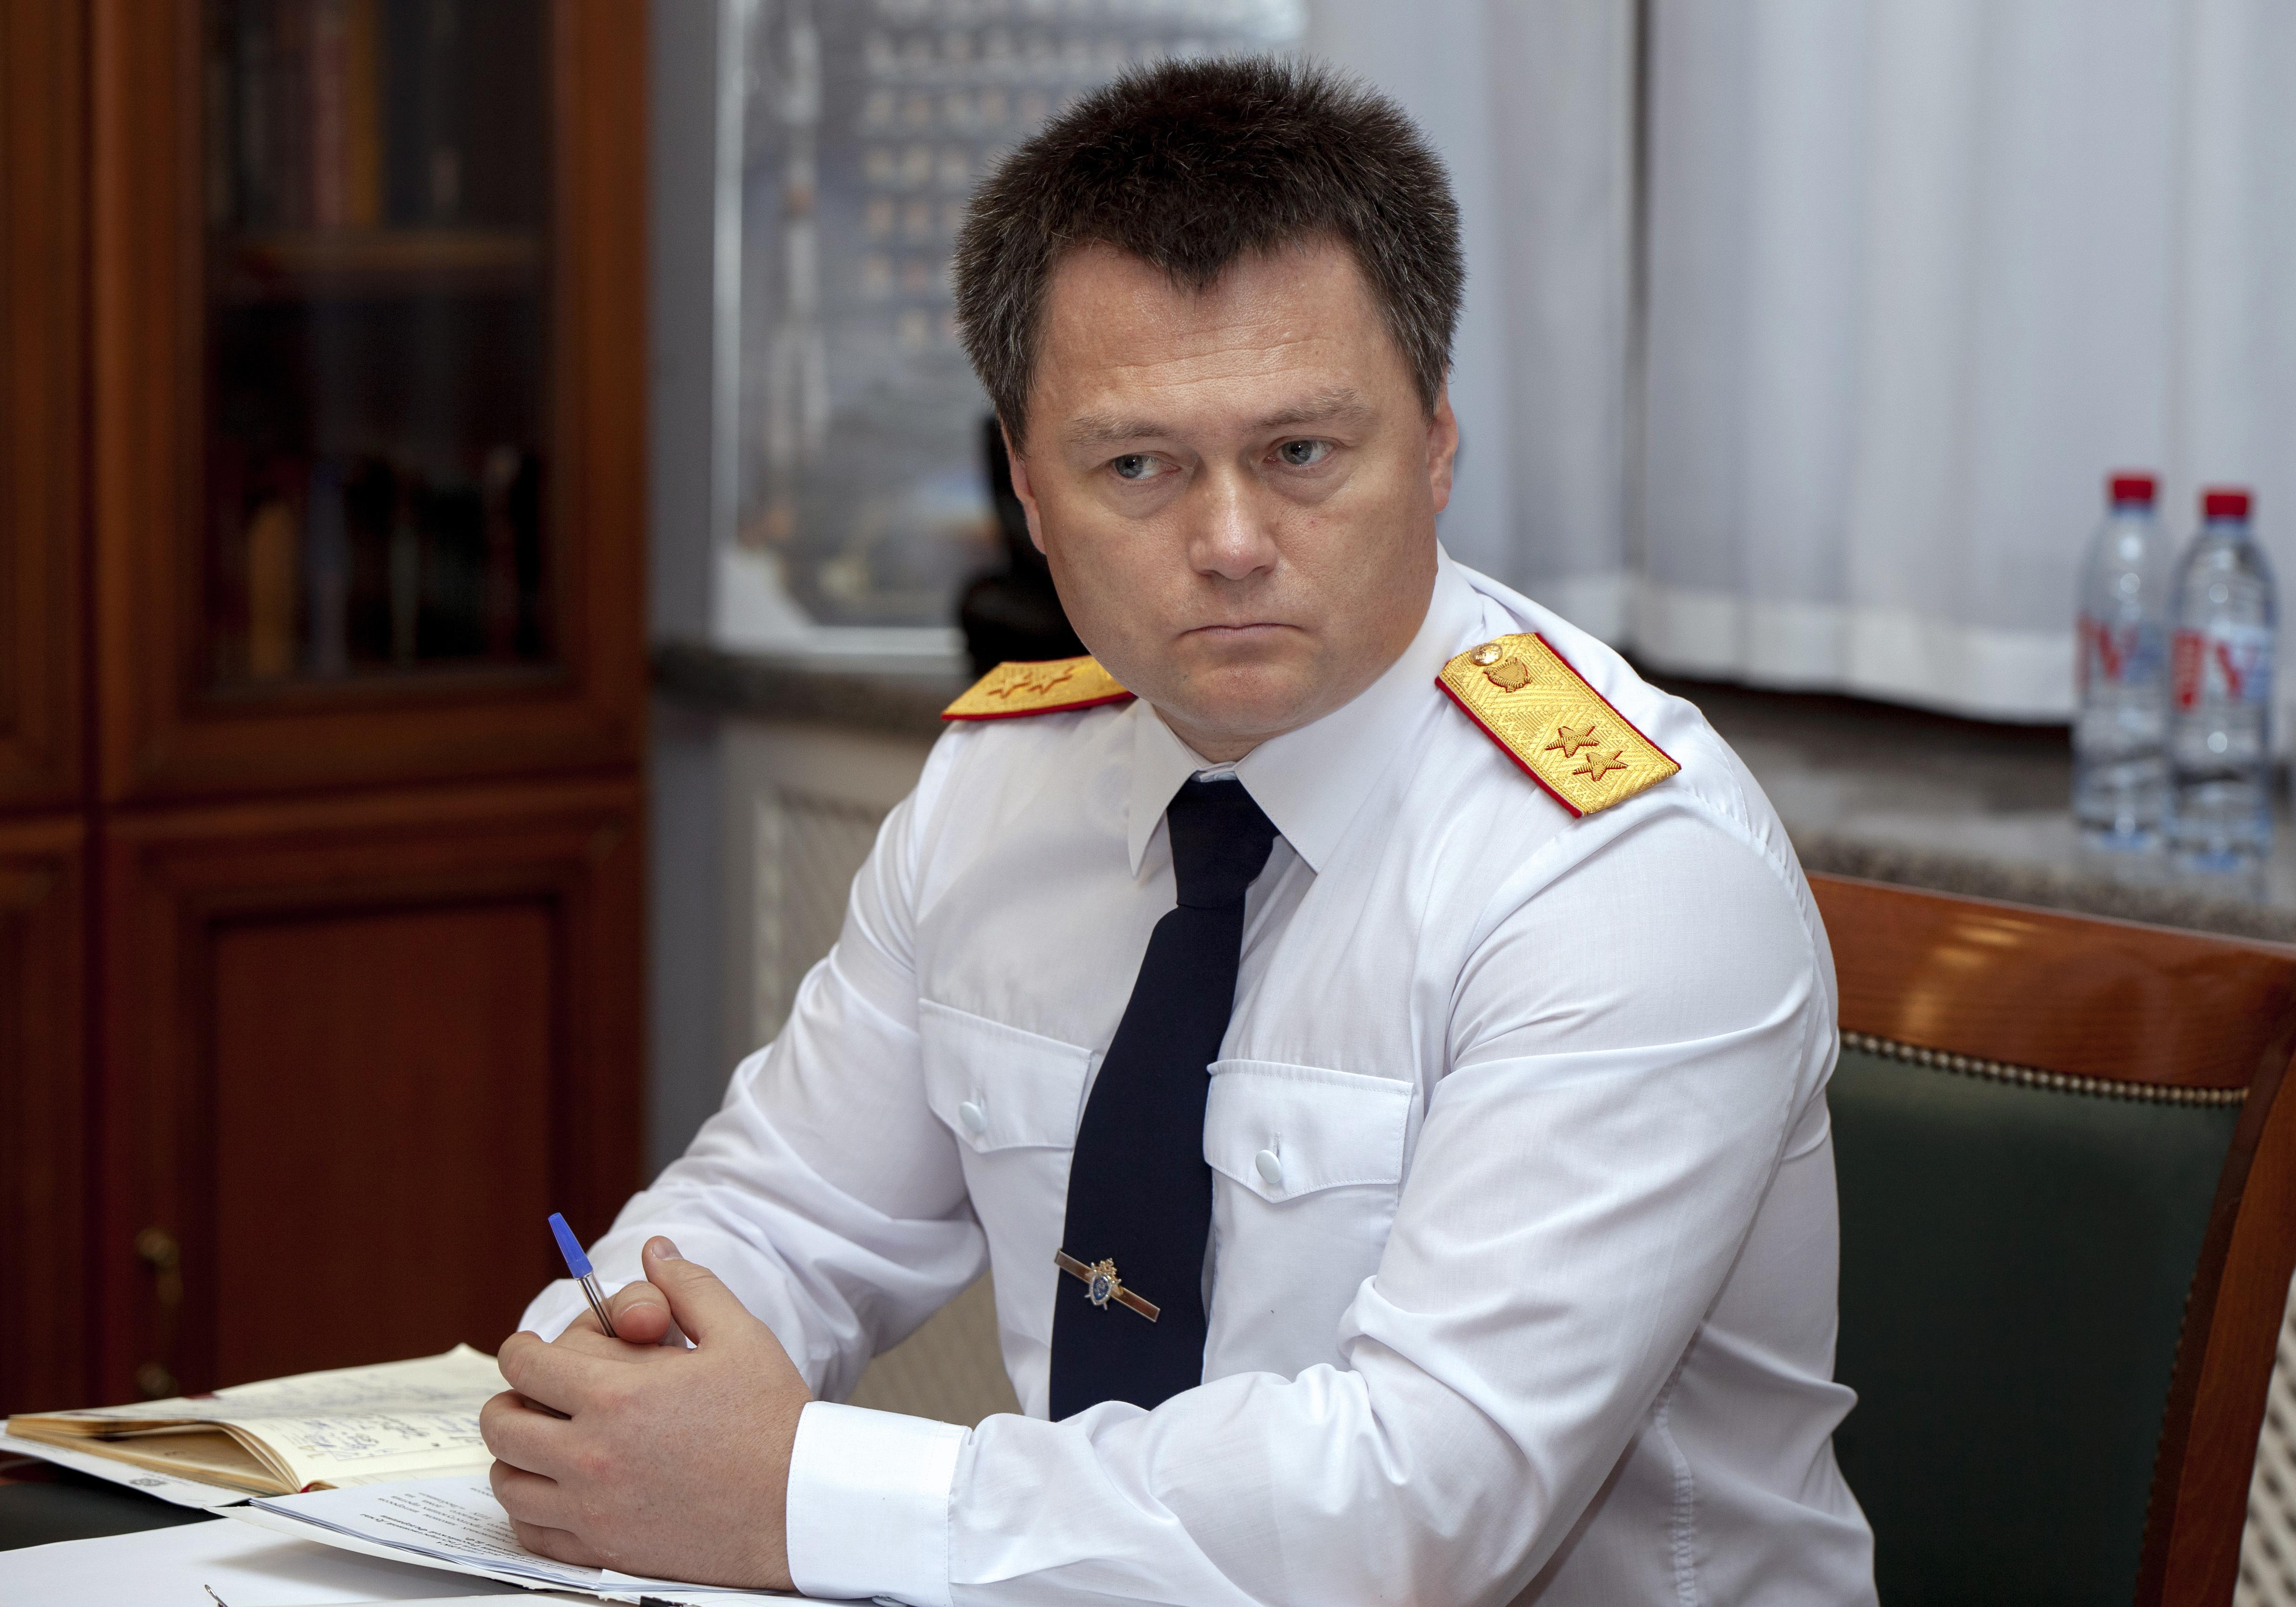 Игорь Краснов. Фото: пресс-служба Следственного комитета